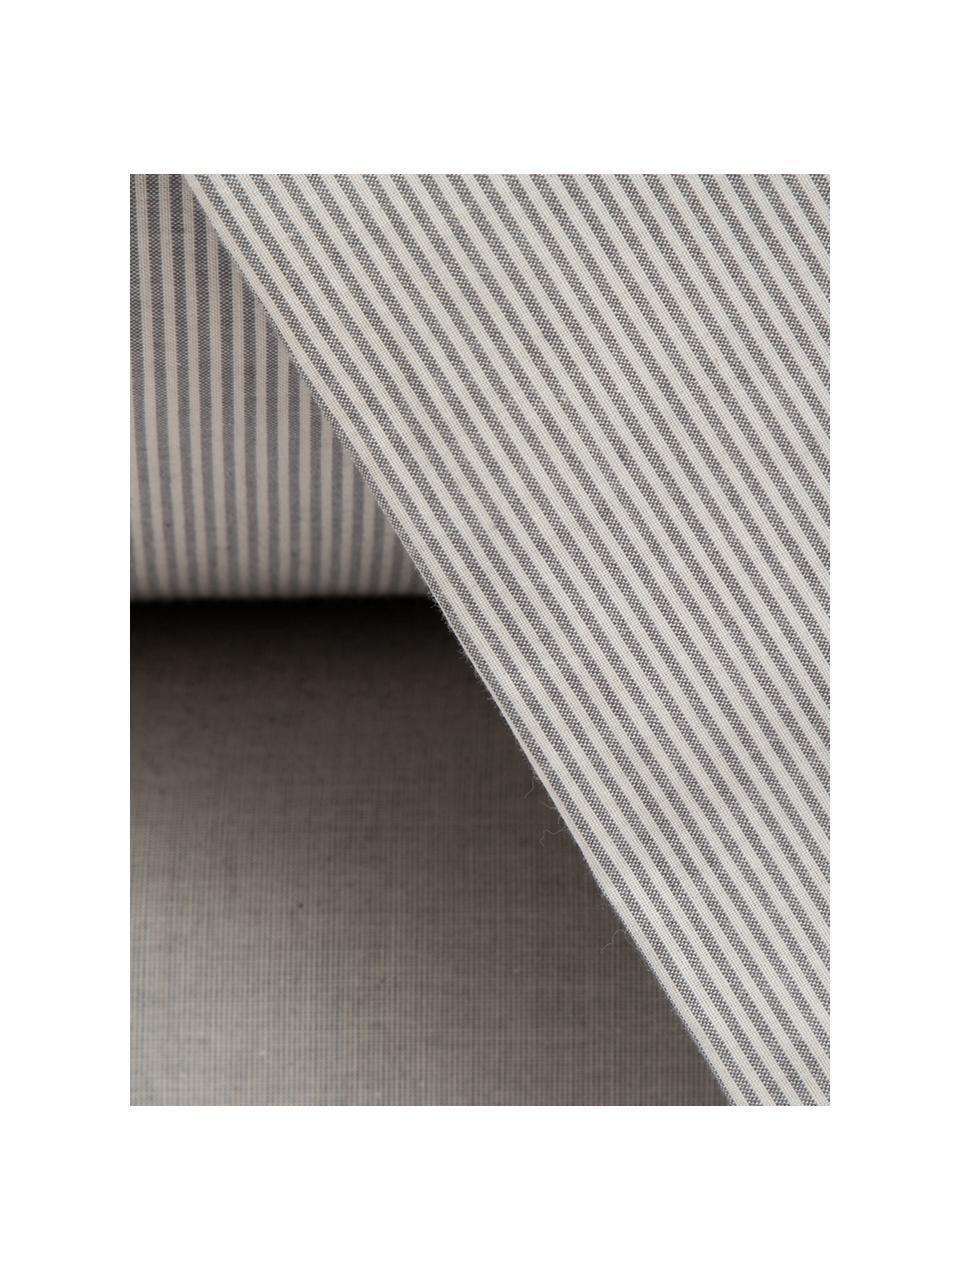 Parure copripiumino in percalle Stripes, Grigio, grigio chiaro, 155 x 260 cm + 1 federa + 1 lenzuolo con angoli